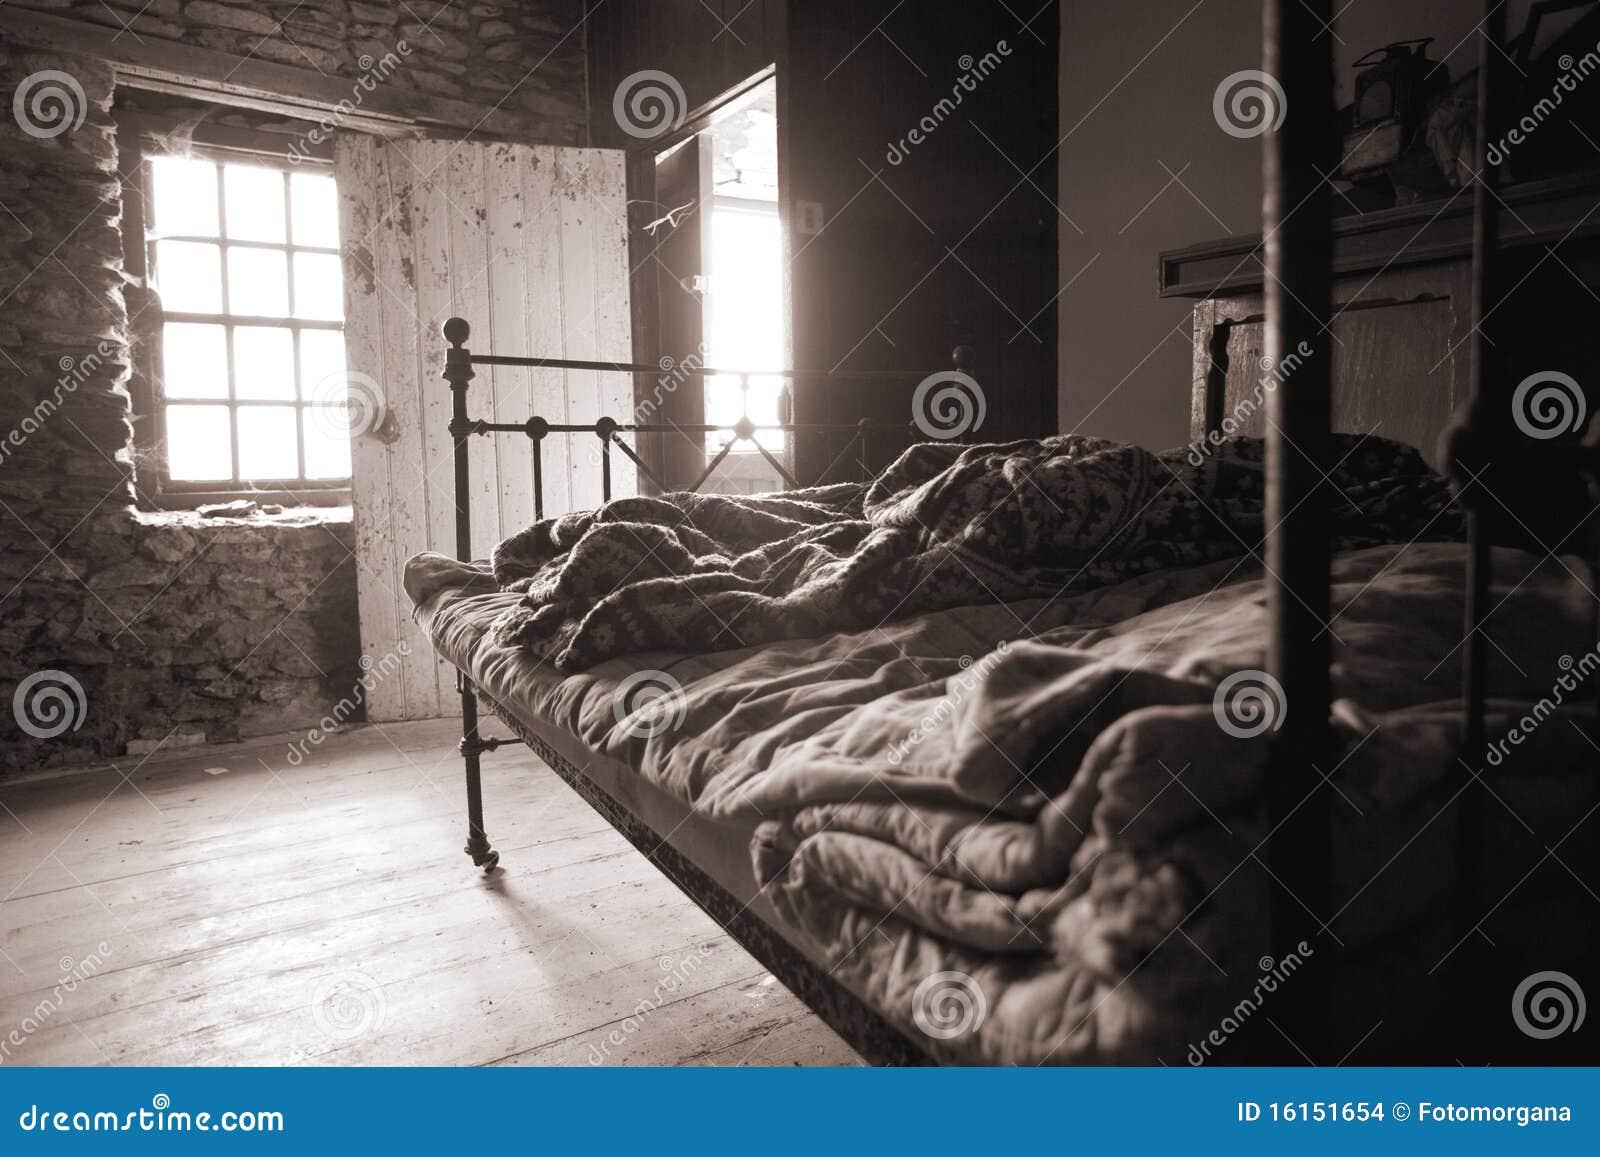 Oude Slaapkamer Slechte Levensstijl Stock Afbeeldingen - Afbeelding ...